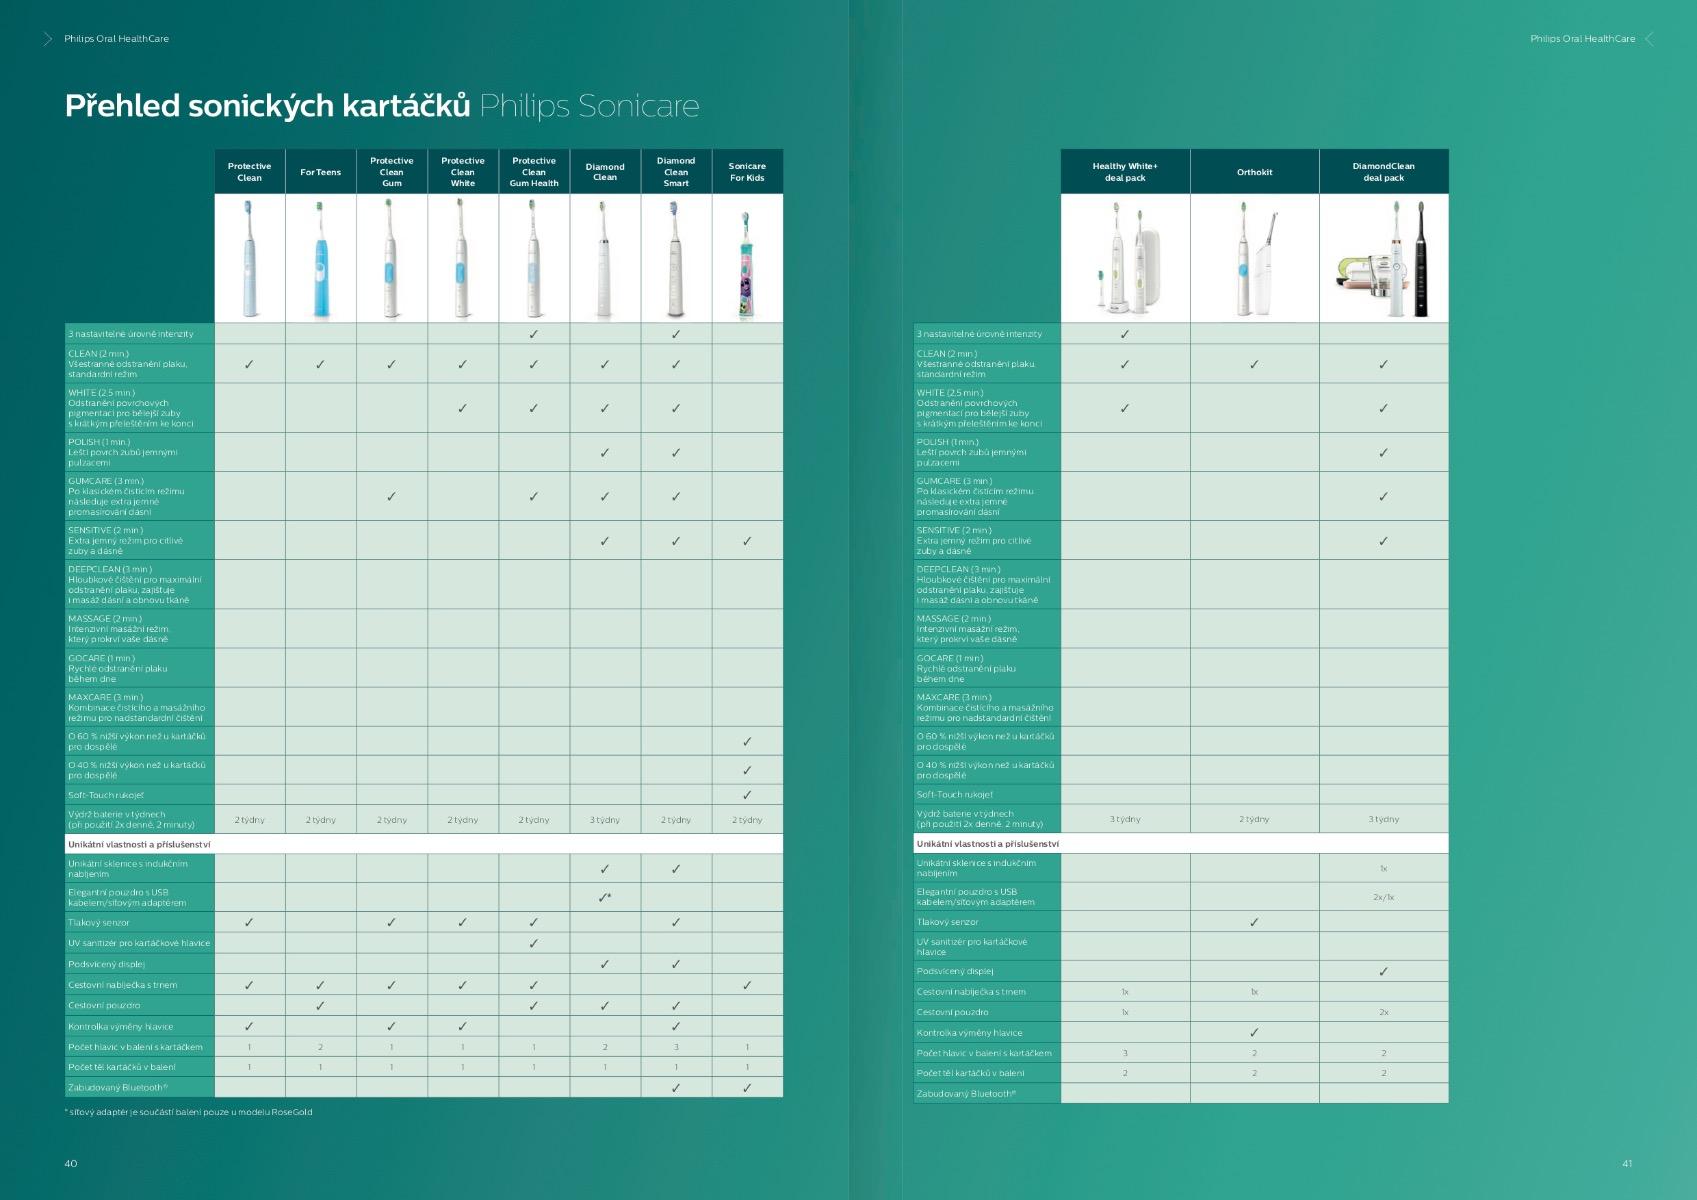 Tabulka ke srovnání jednoltivých modelů sonických kartáčků firmy Philips